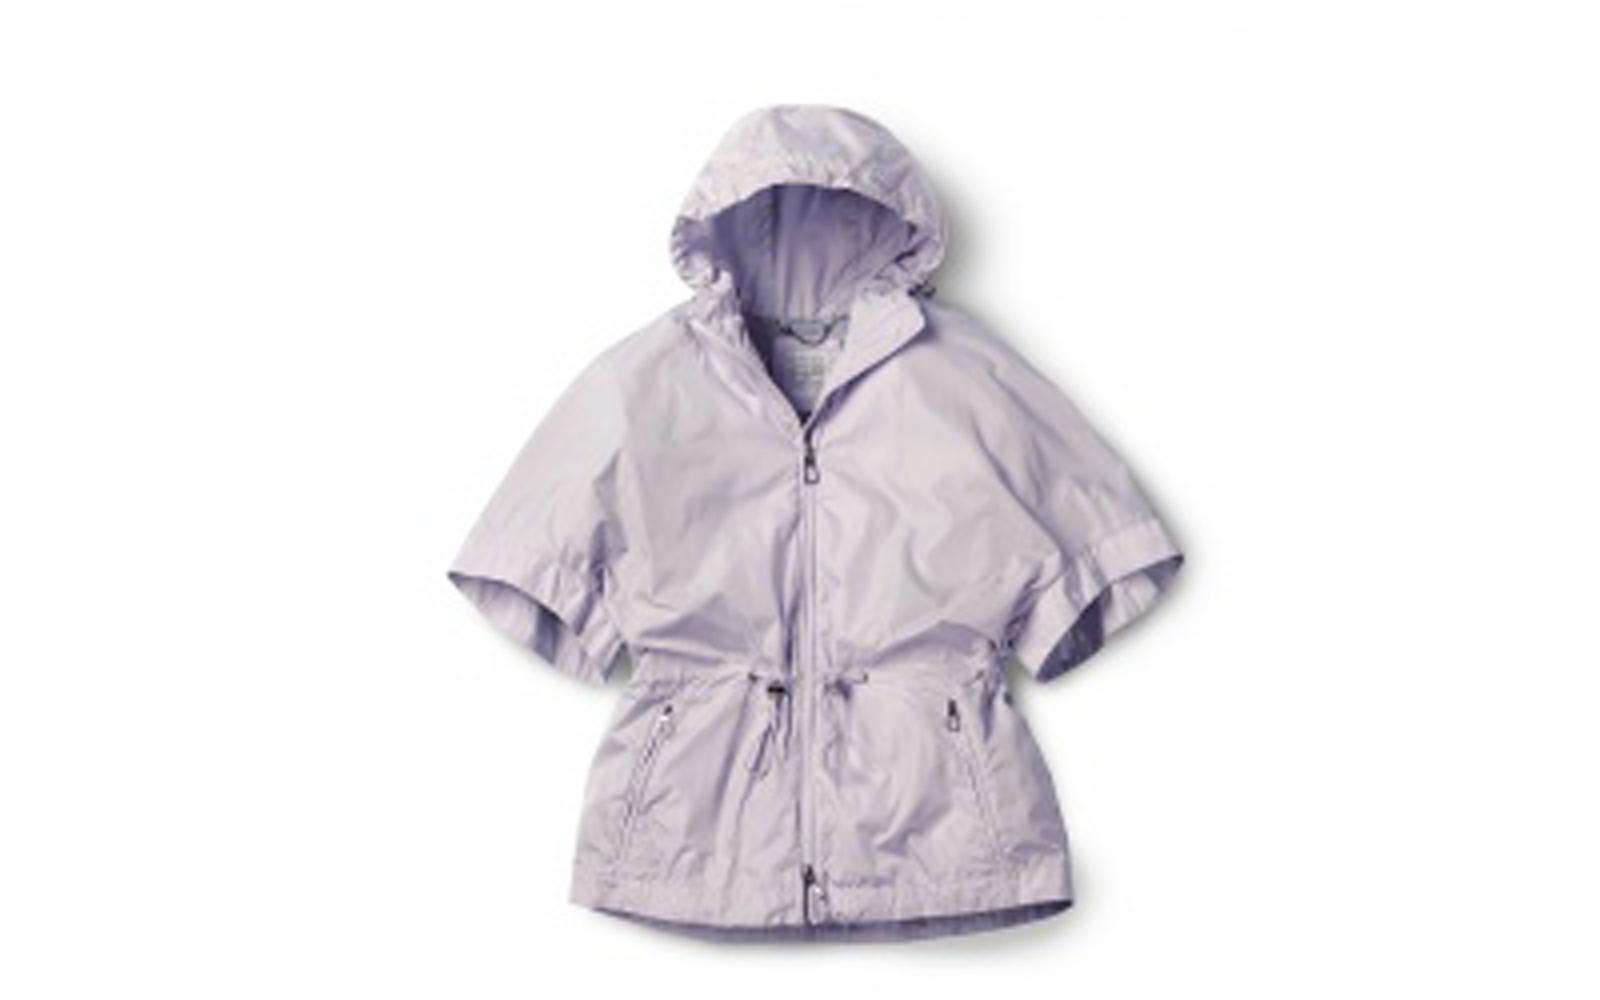 GEOX  giacca imper leggera con cappuccio e zip. Perfetta per la camminata (euro 179) www.geox.com